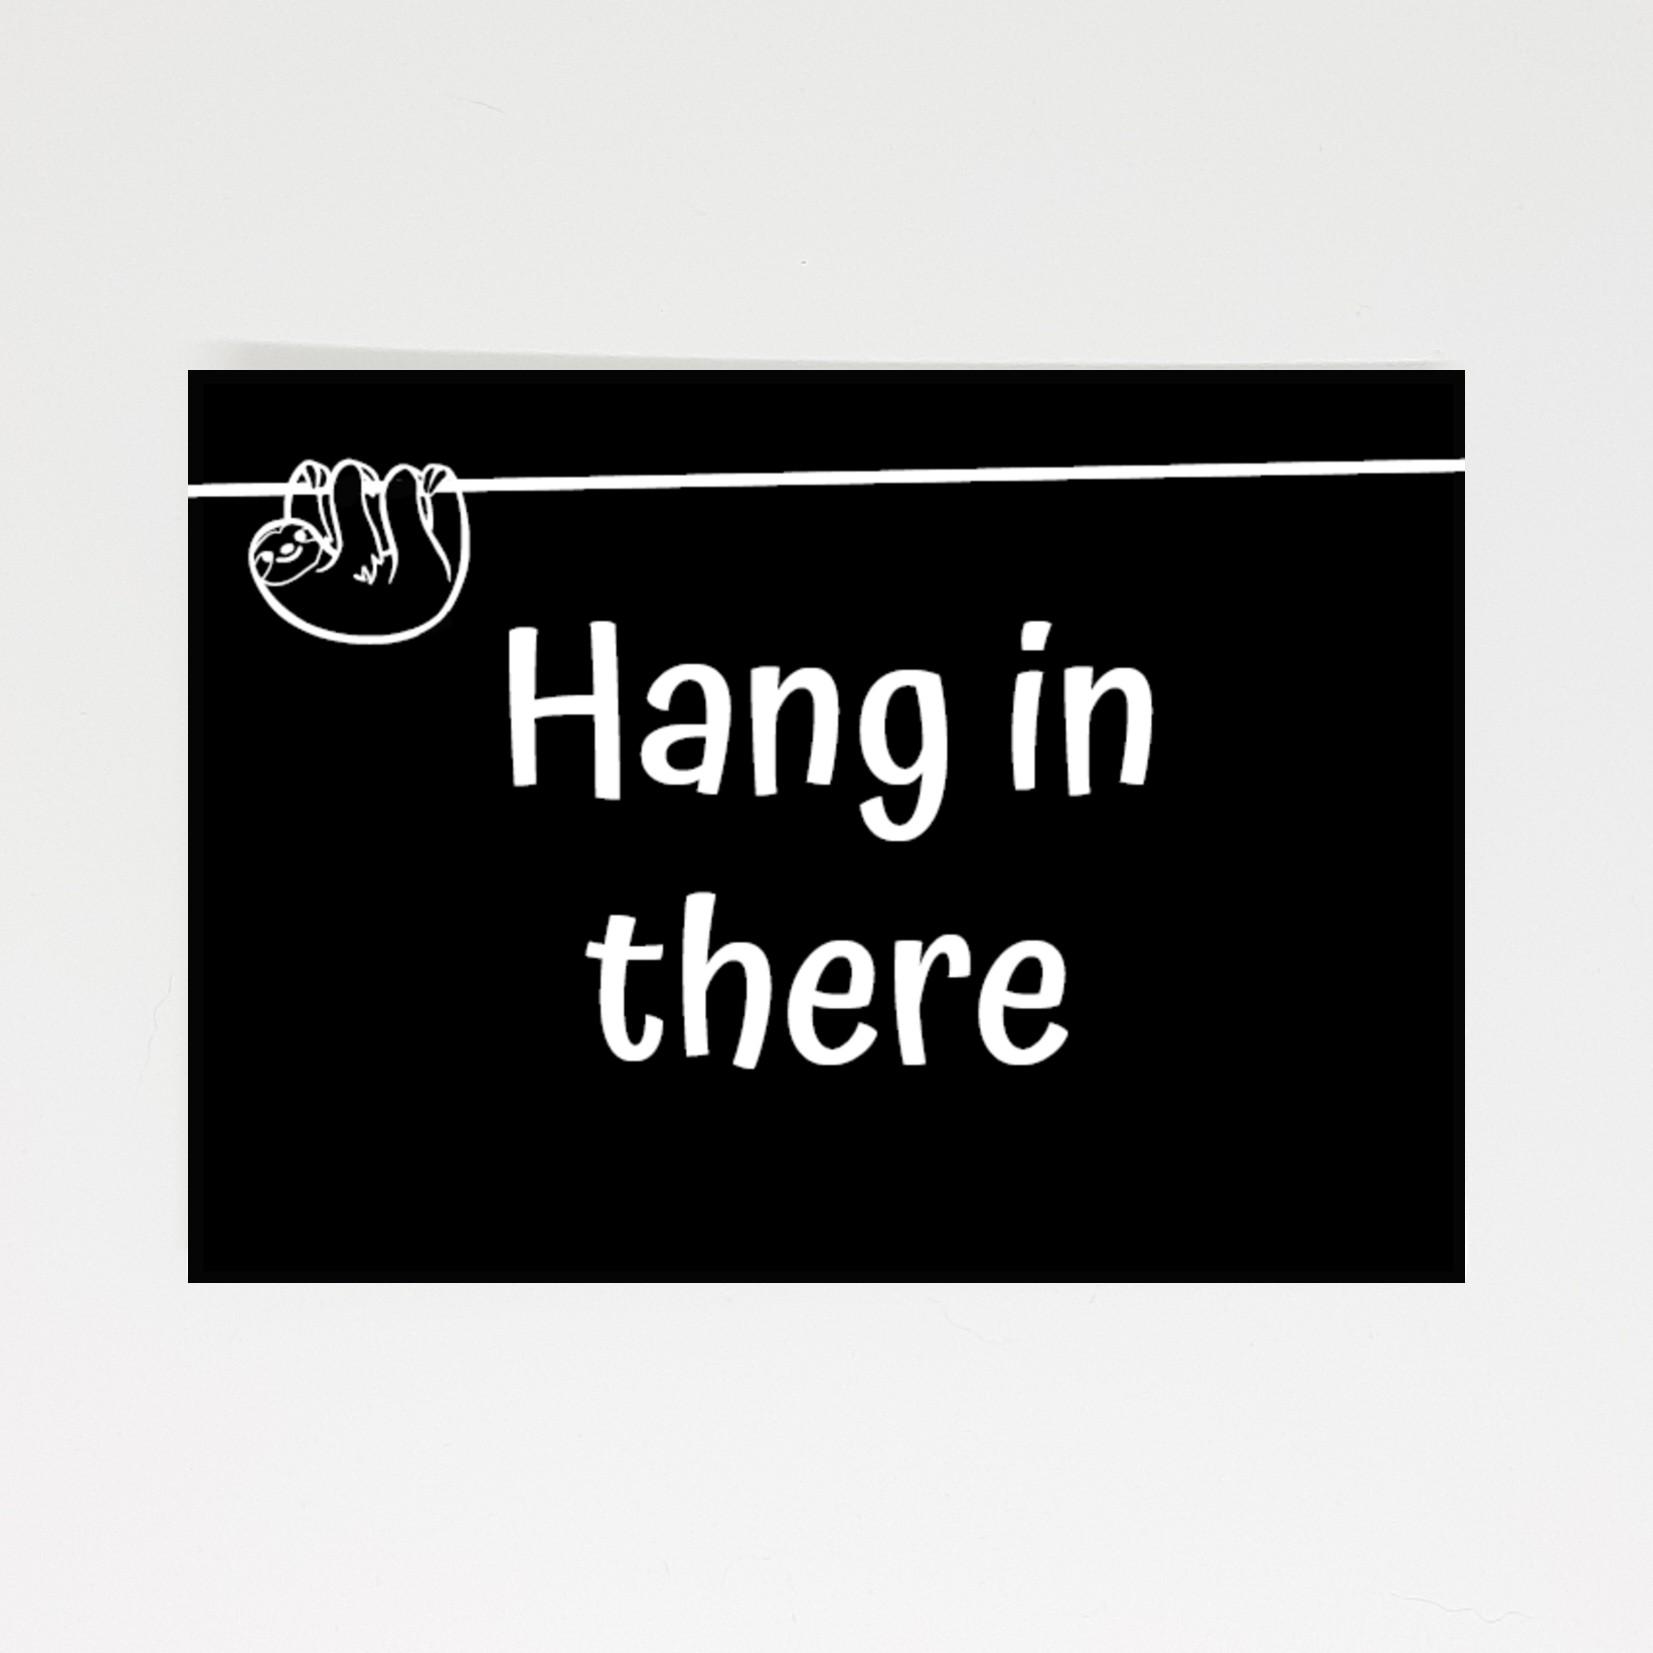 Ansichtkaart met de tekst Hang in there en een luiaard hangend aan een tak ter illustratie